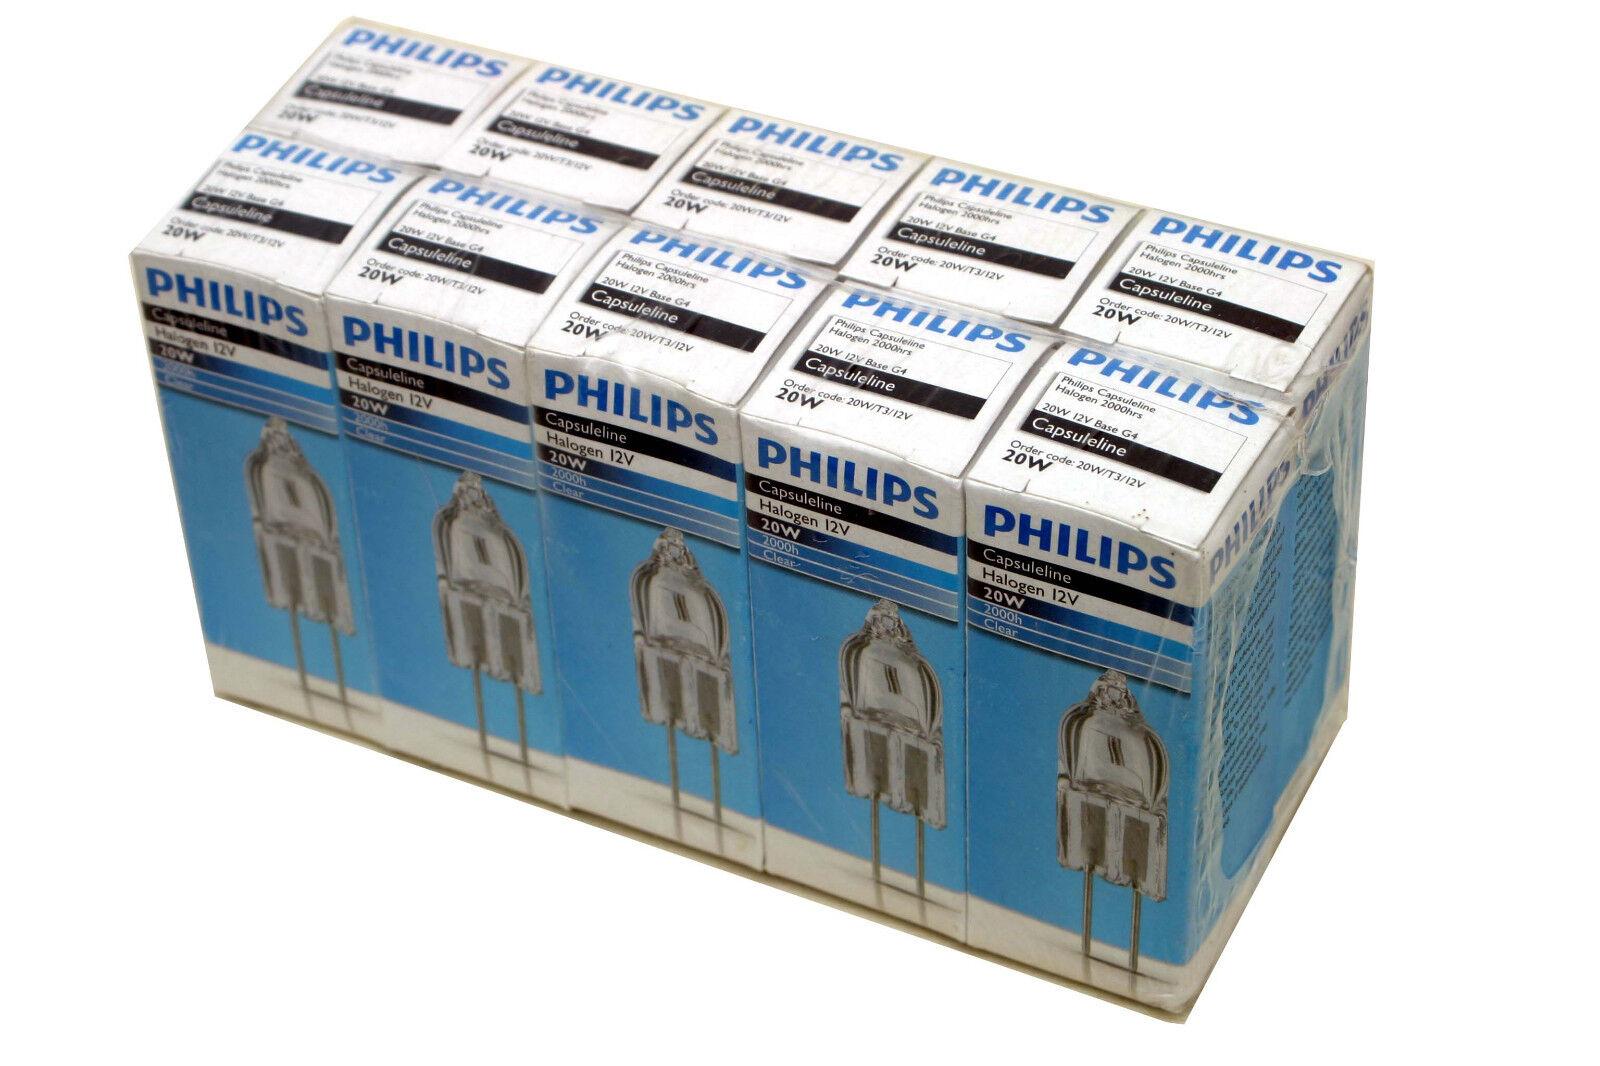 Phillips Capsuleline 20W 12V Base G4 Halogen Light Bulbs Lot of 10 Bulbs